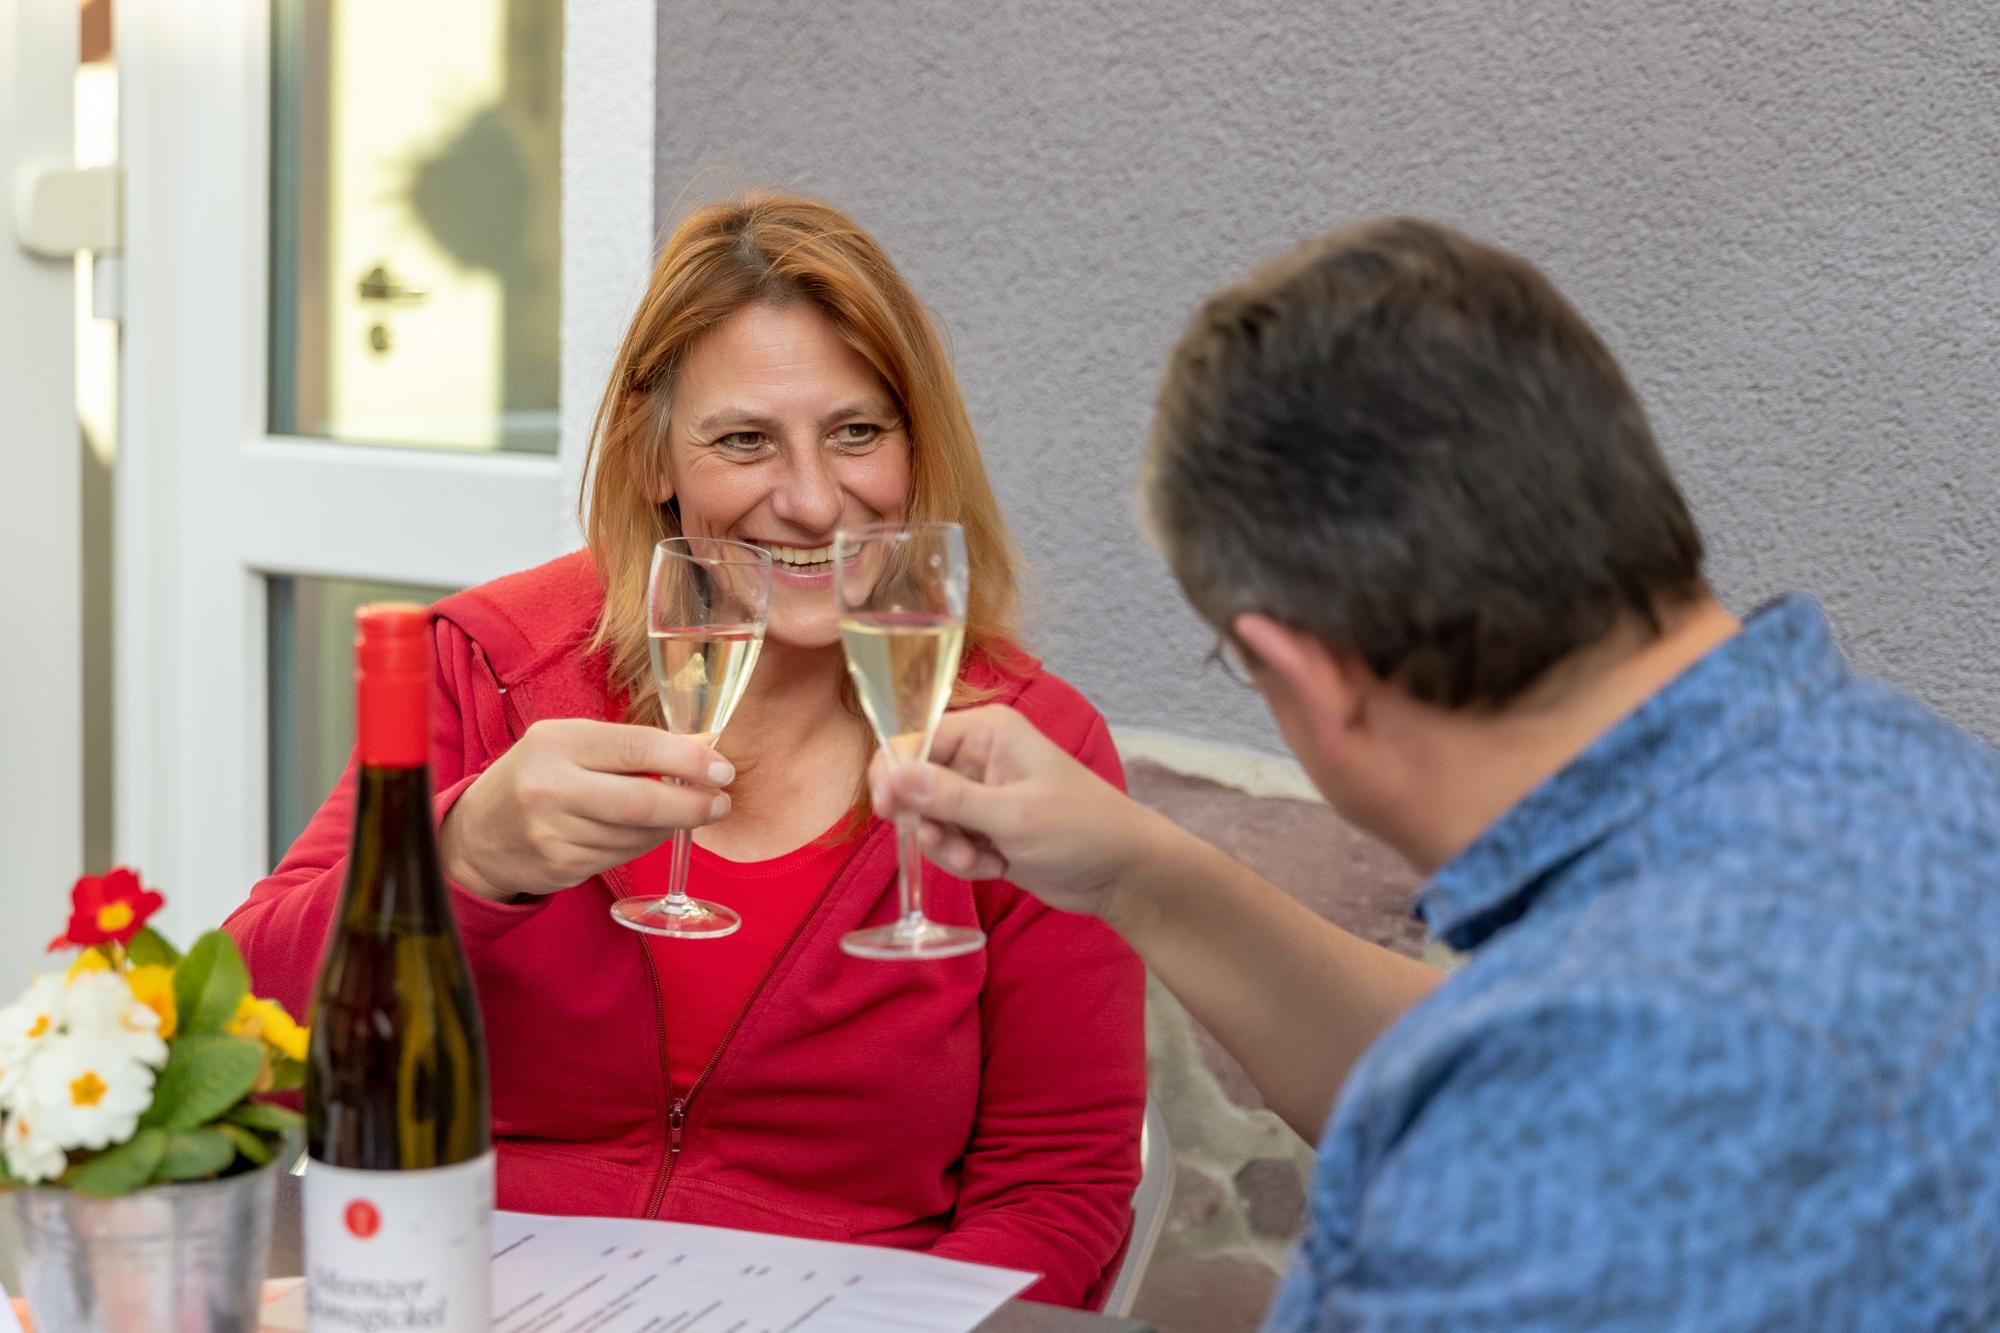 Sektfrühstück, Weingut, Spaß, Laurentiushof, Qualitätswein, Straußwirtschaft,